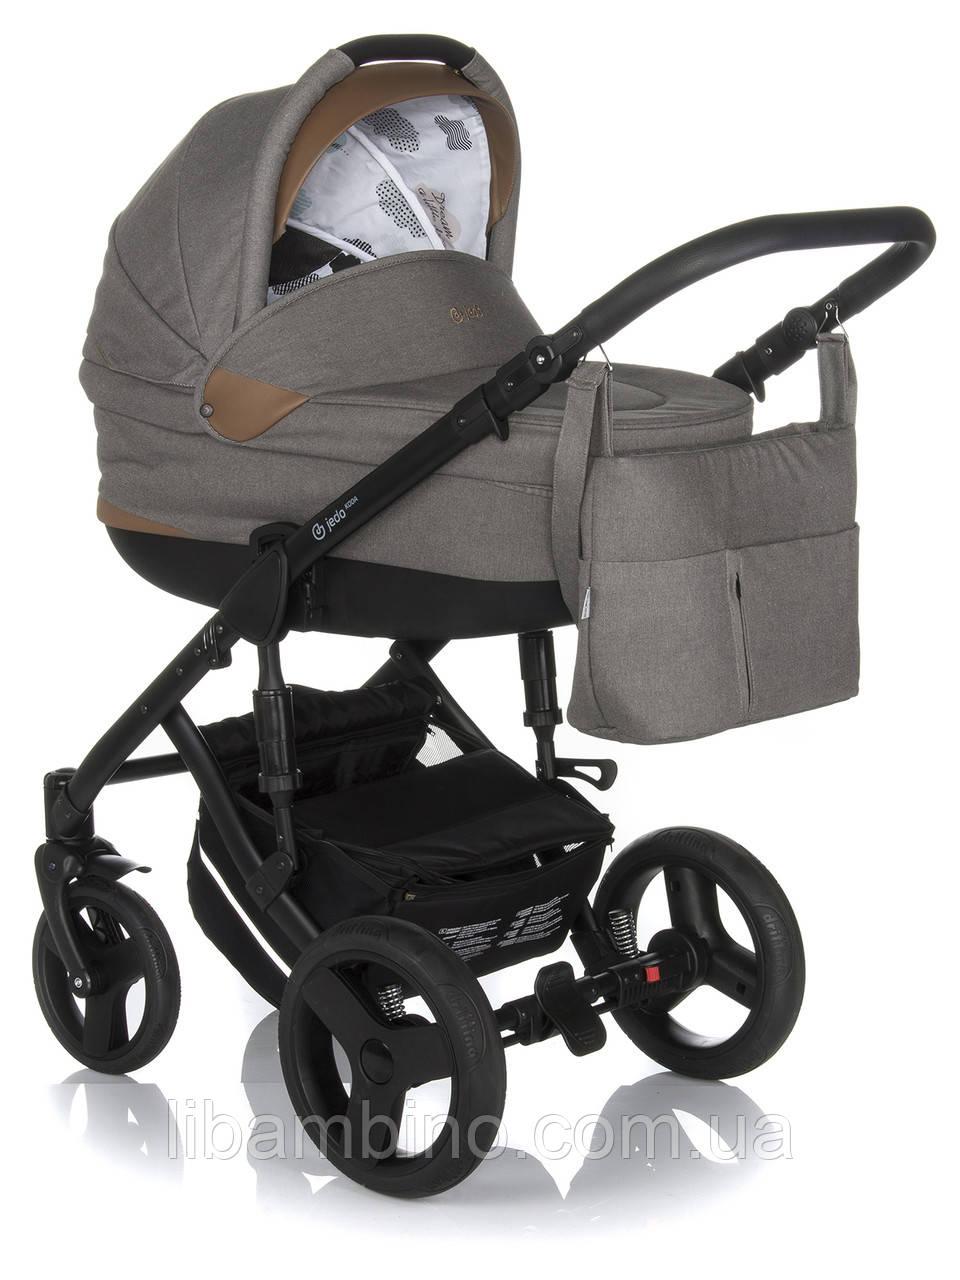 Дитяча універсальна коляска 2 в 1 Jedo Koda V9, фото 1